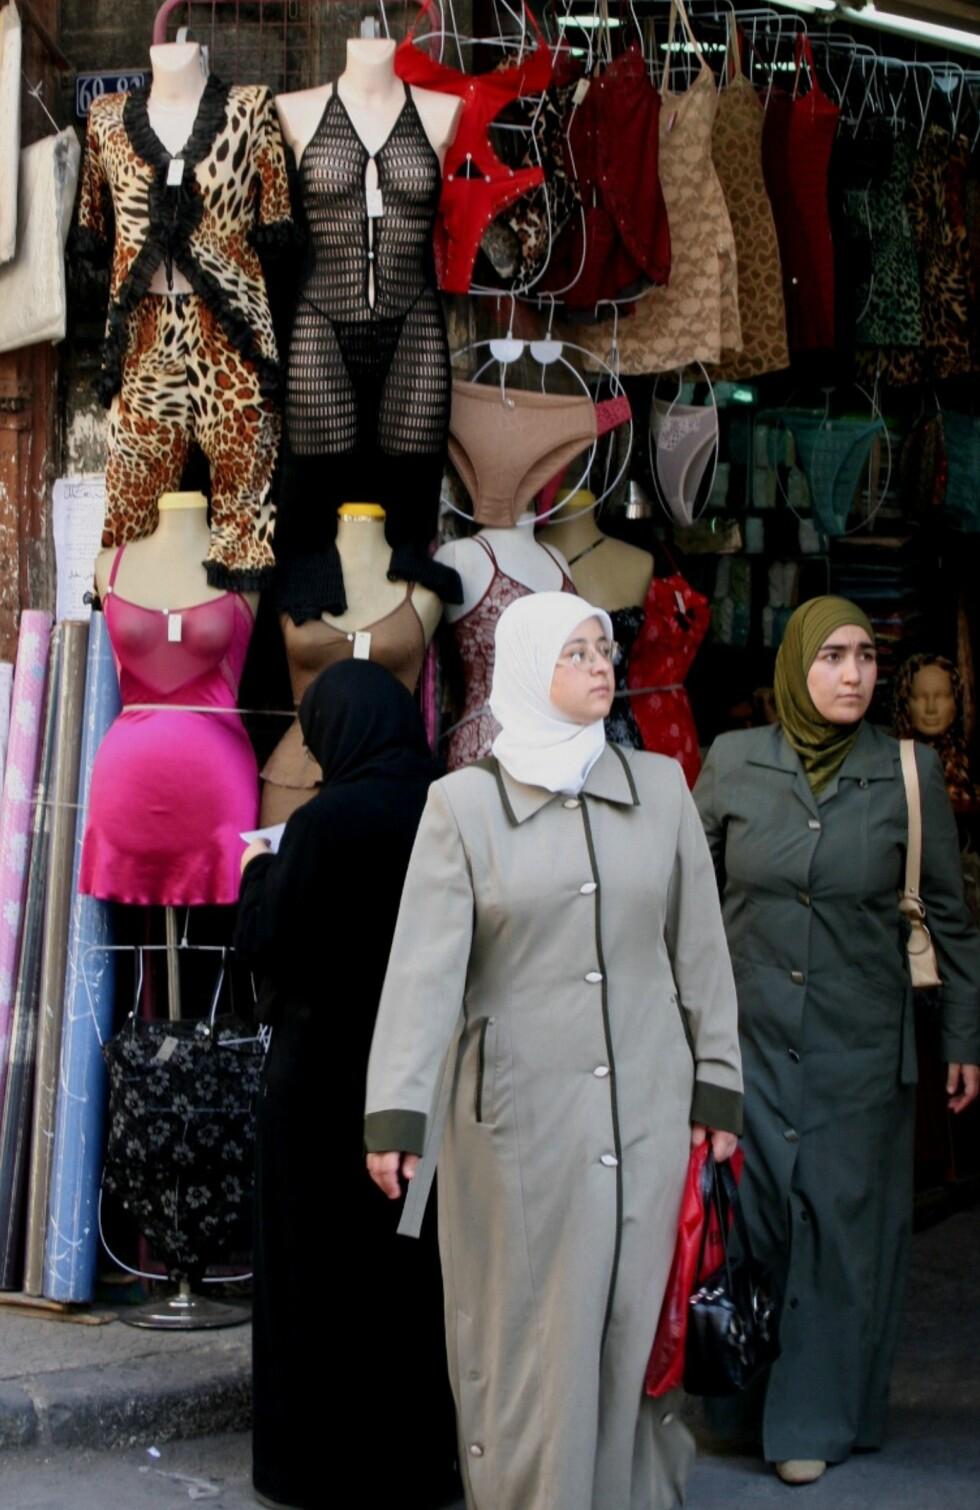 I Damaskus klesbasarer finner du alt fra hijaber til nettingkjoler. Det er kanskje stor forskjell på hvordan Damaskus' kvinner går kledt ute blant folk, og privat? Foto: Bengt Sigvardsson